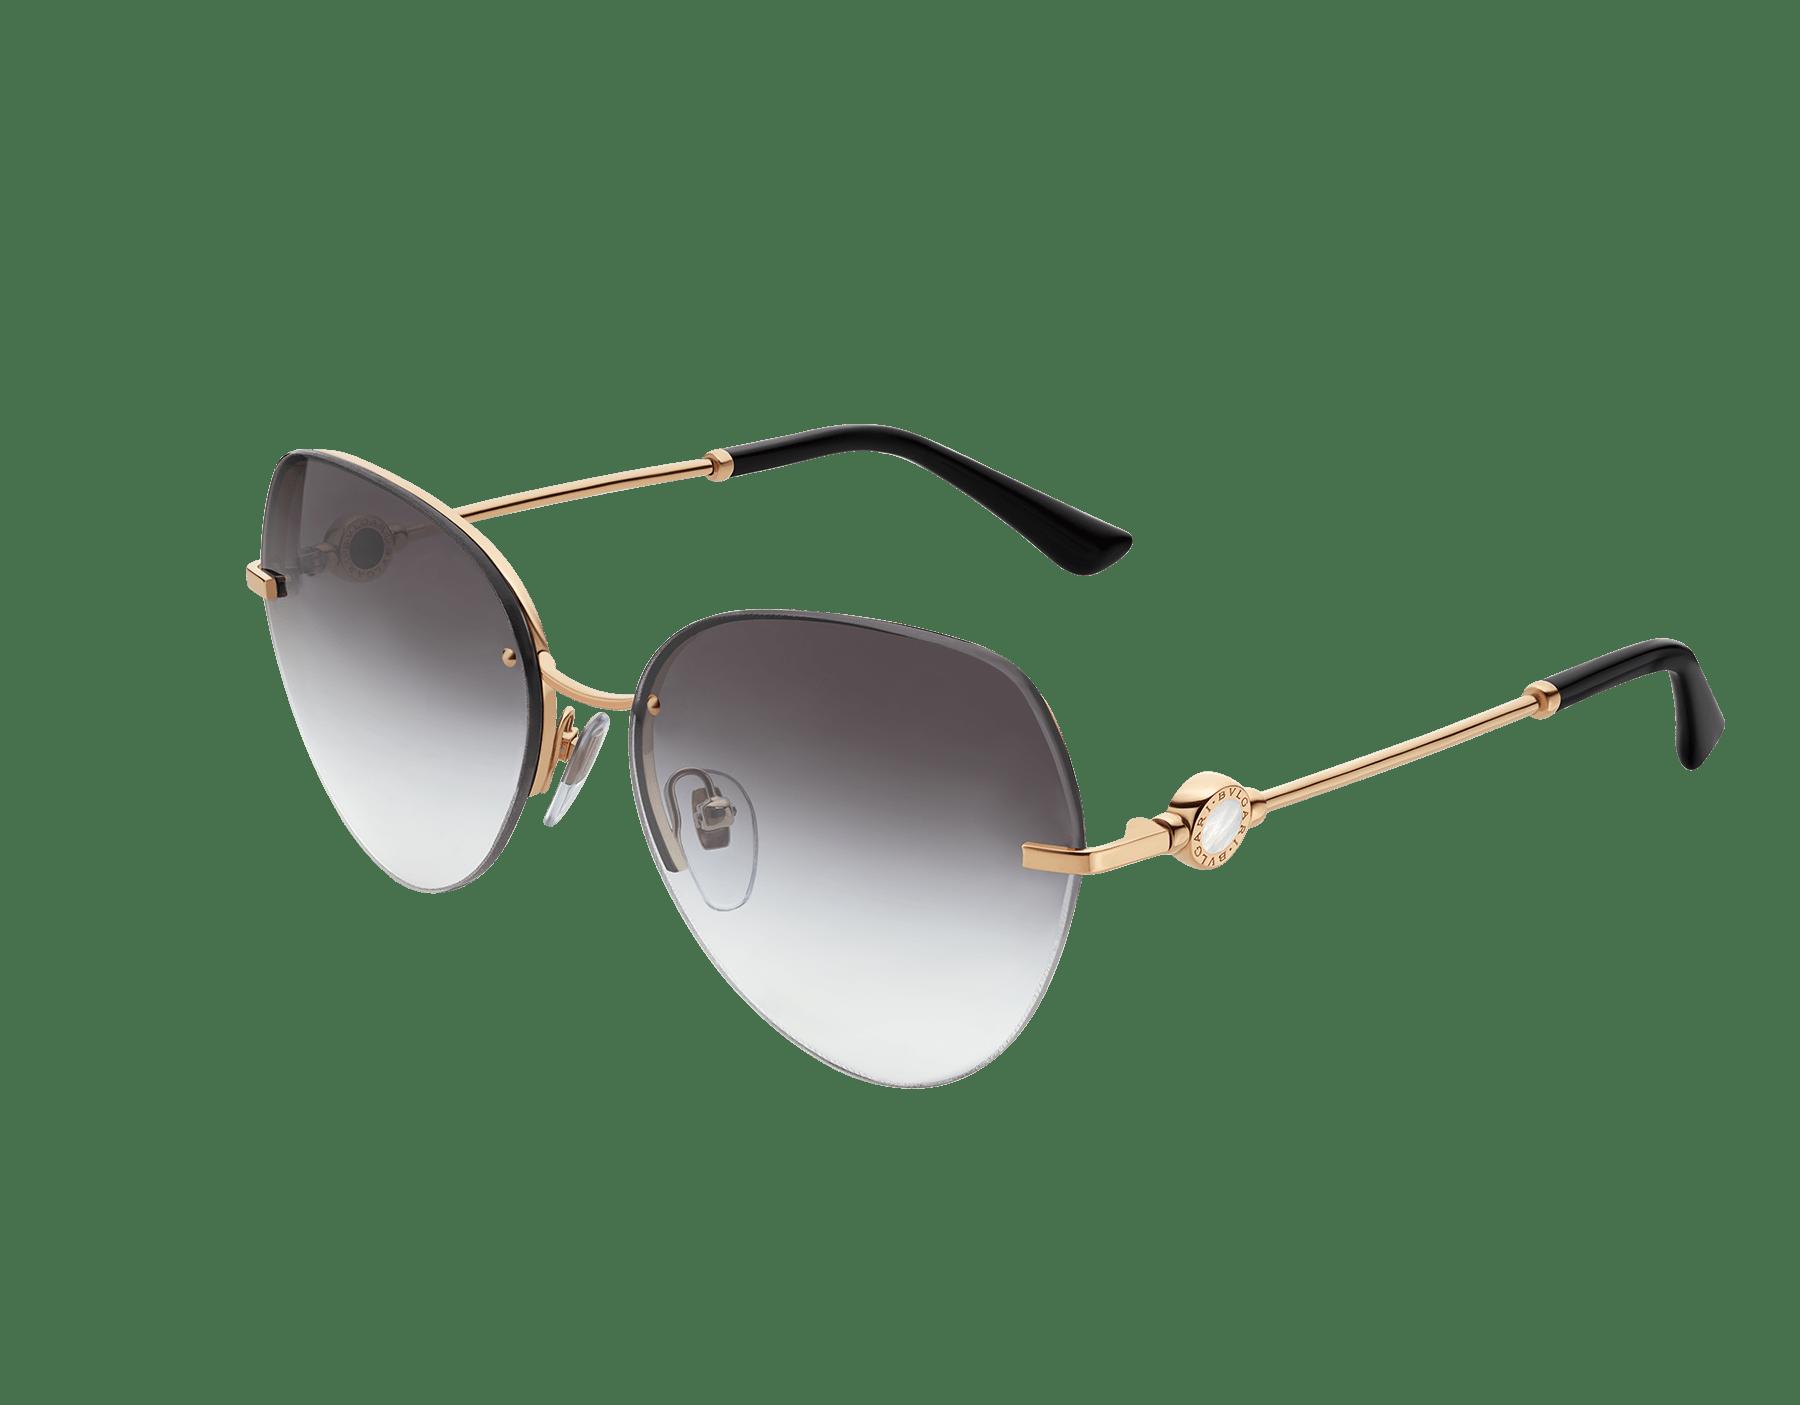 BVLGARI BVLGARI semi-rimless aviator sunglasses. 903538 image 1